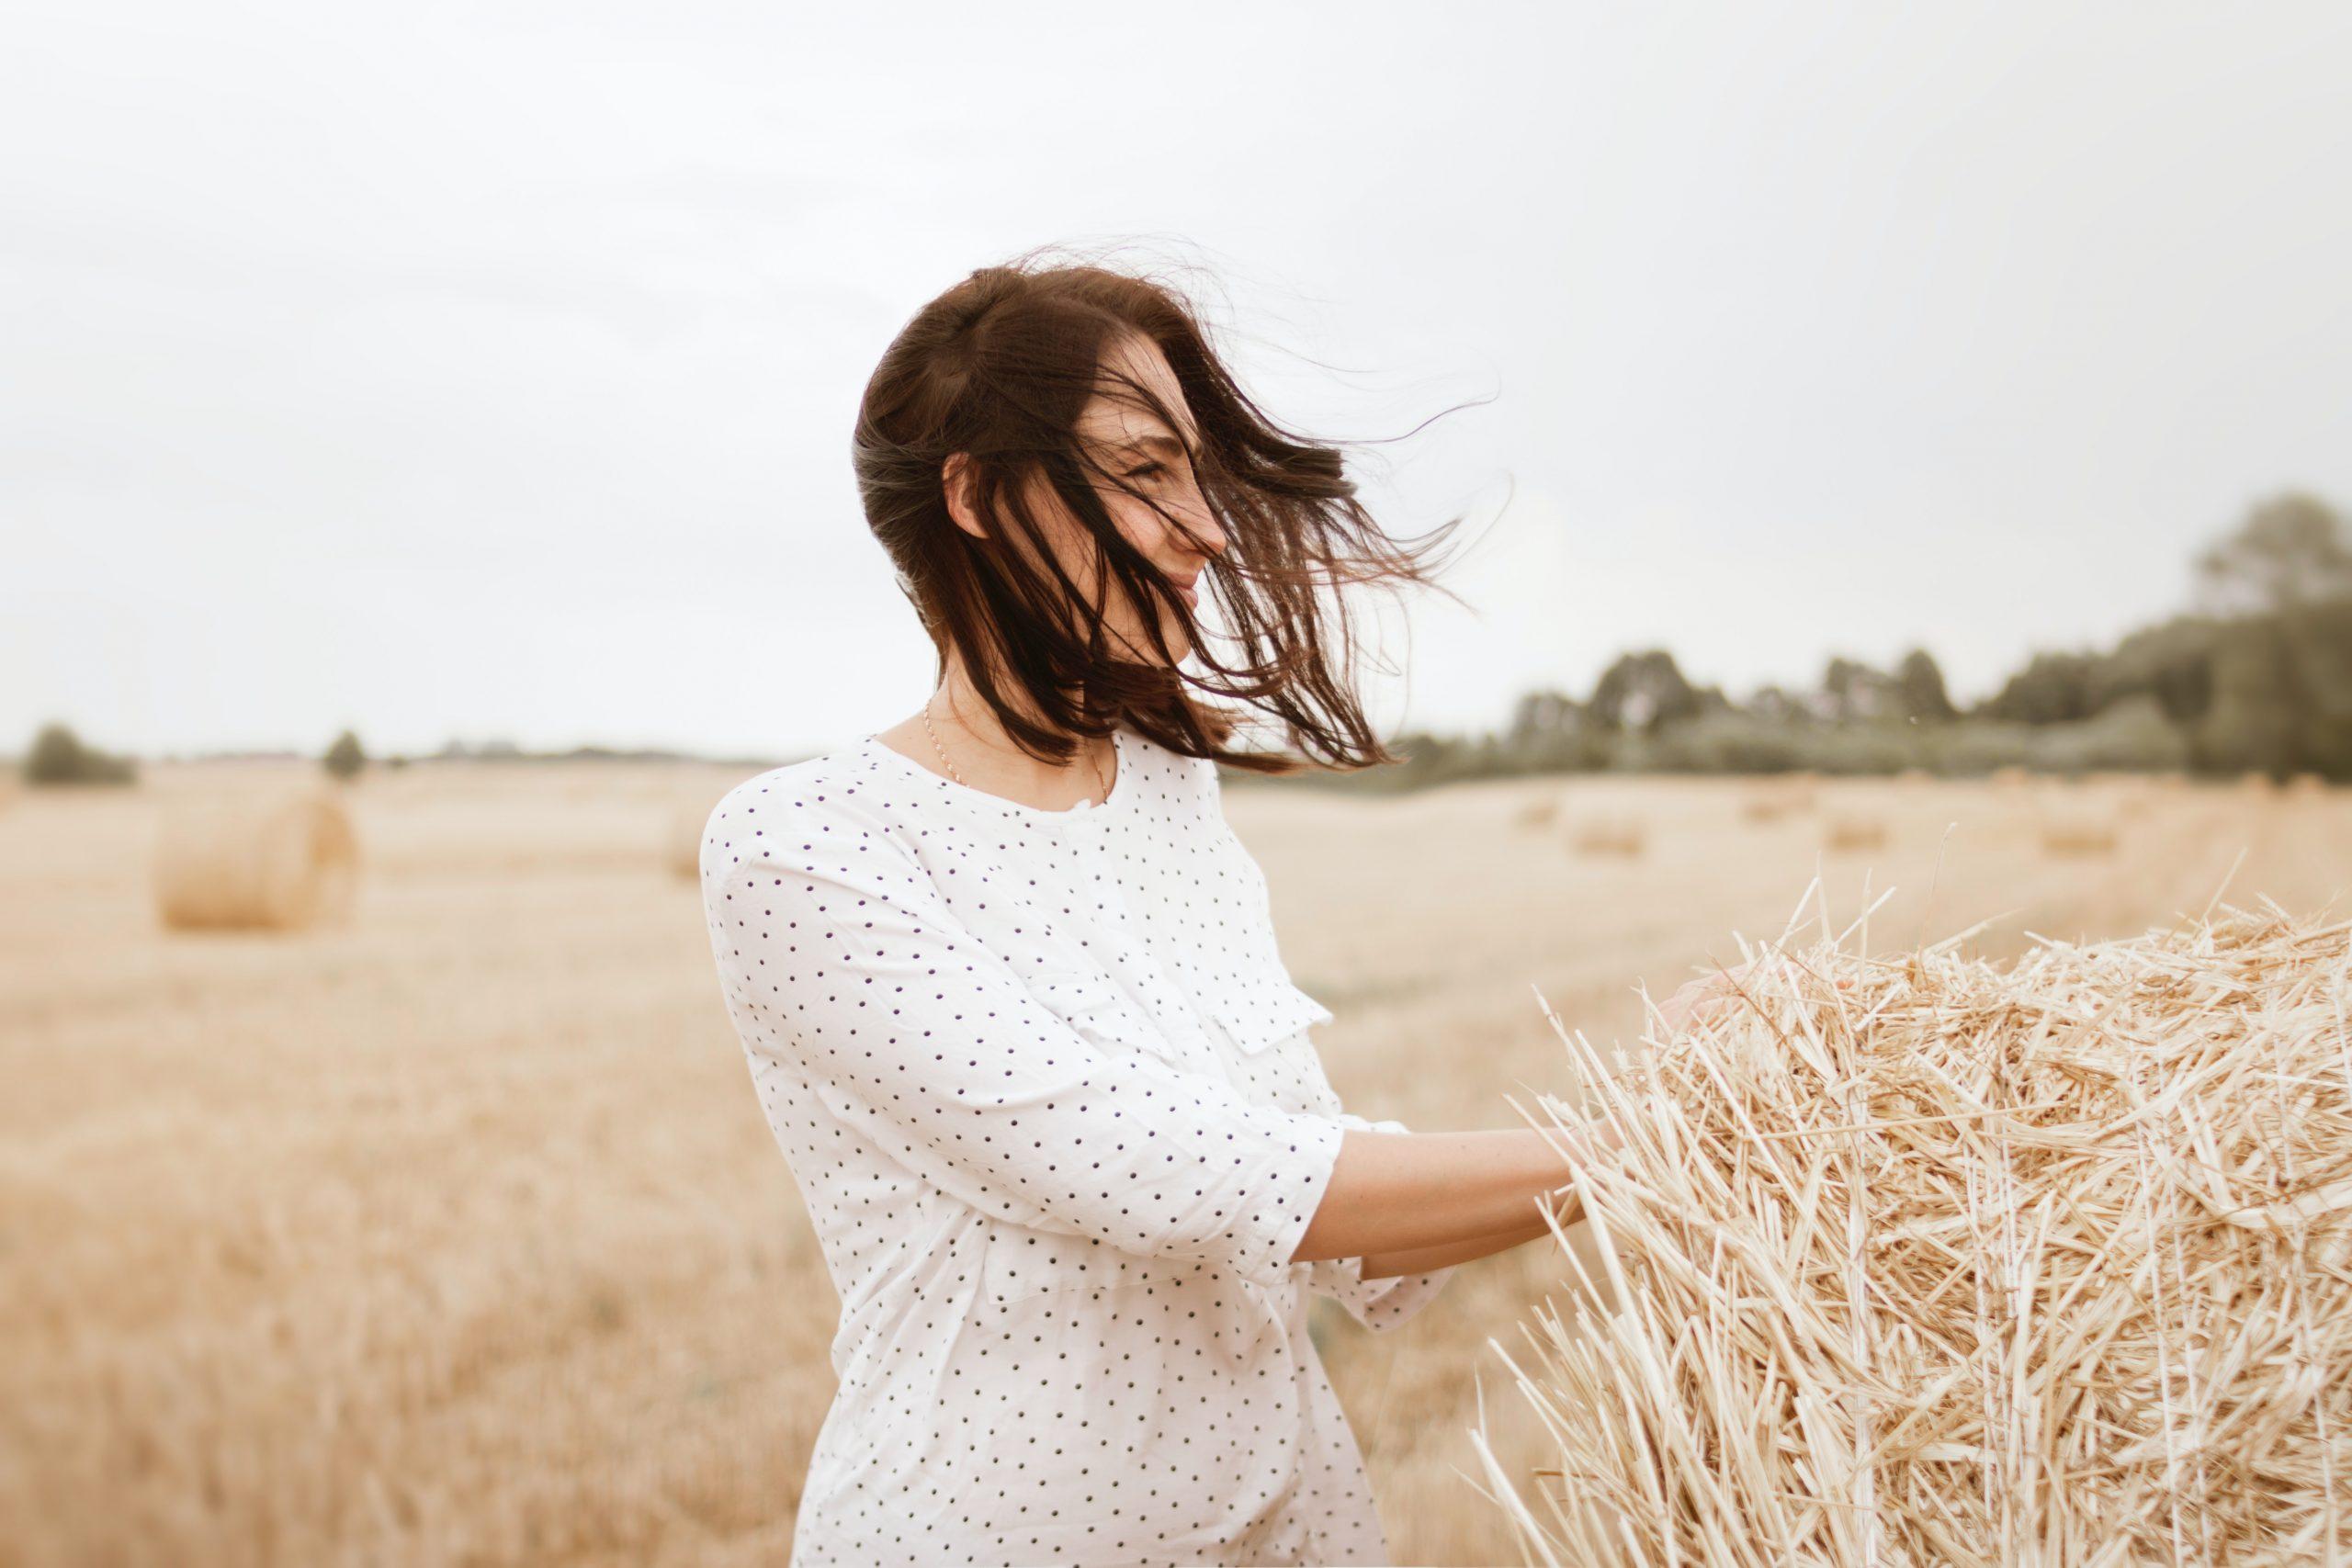 ¿Cortar las puntas del cabello acelera el crecimiento?